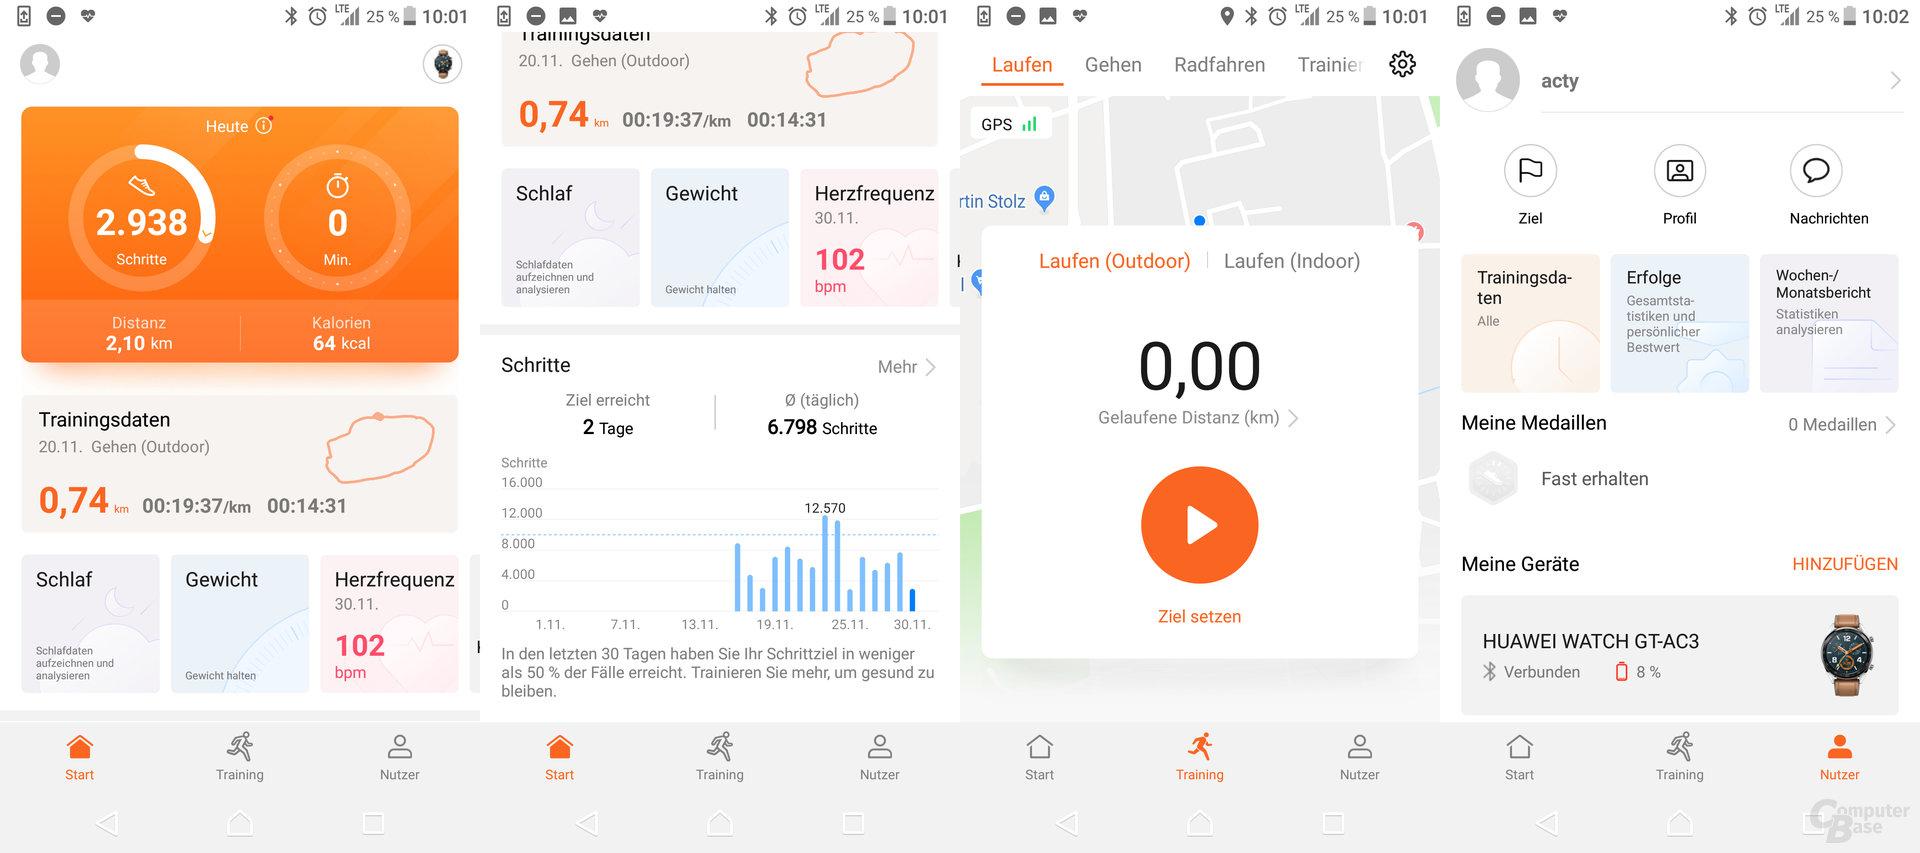 Health-App: Menüübersicht